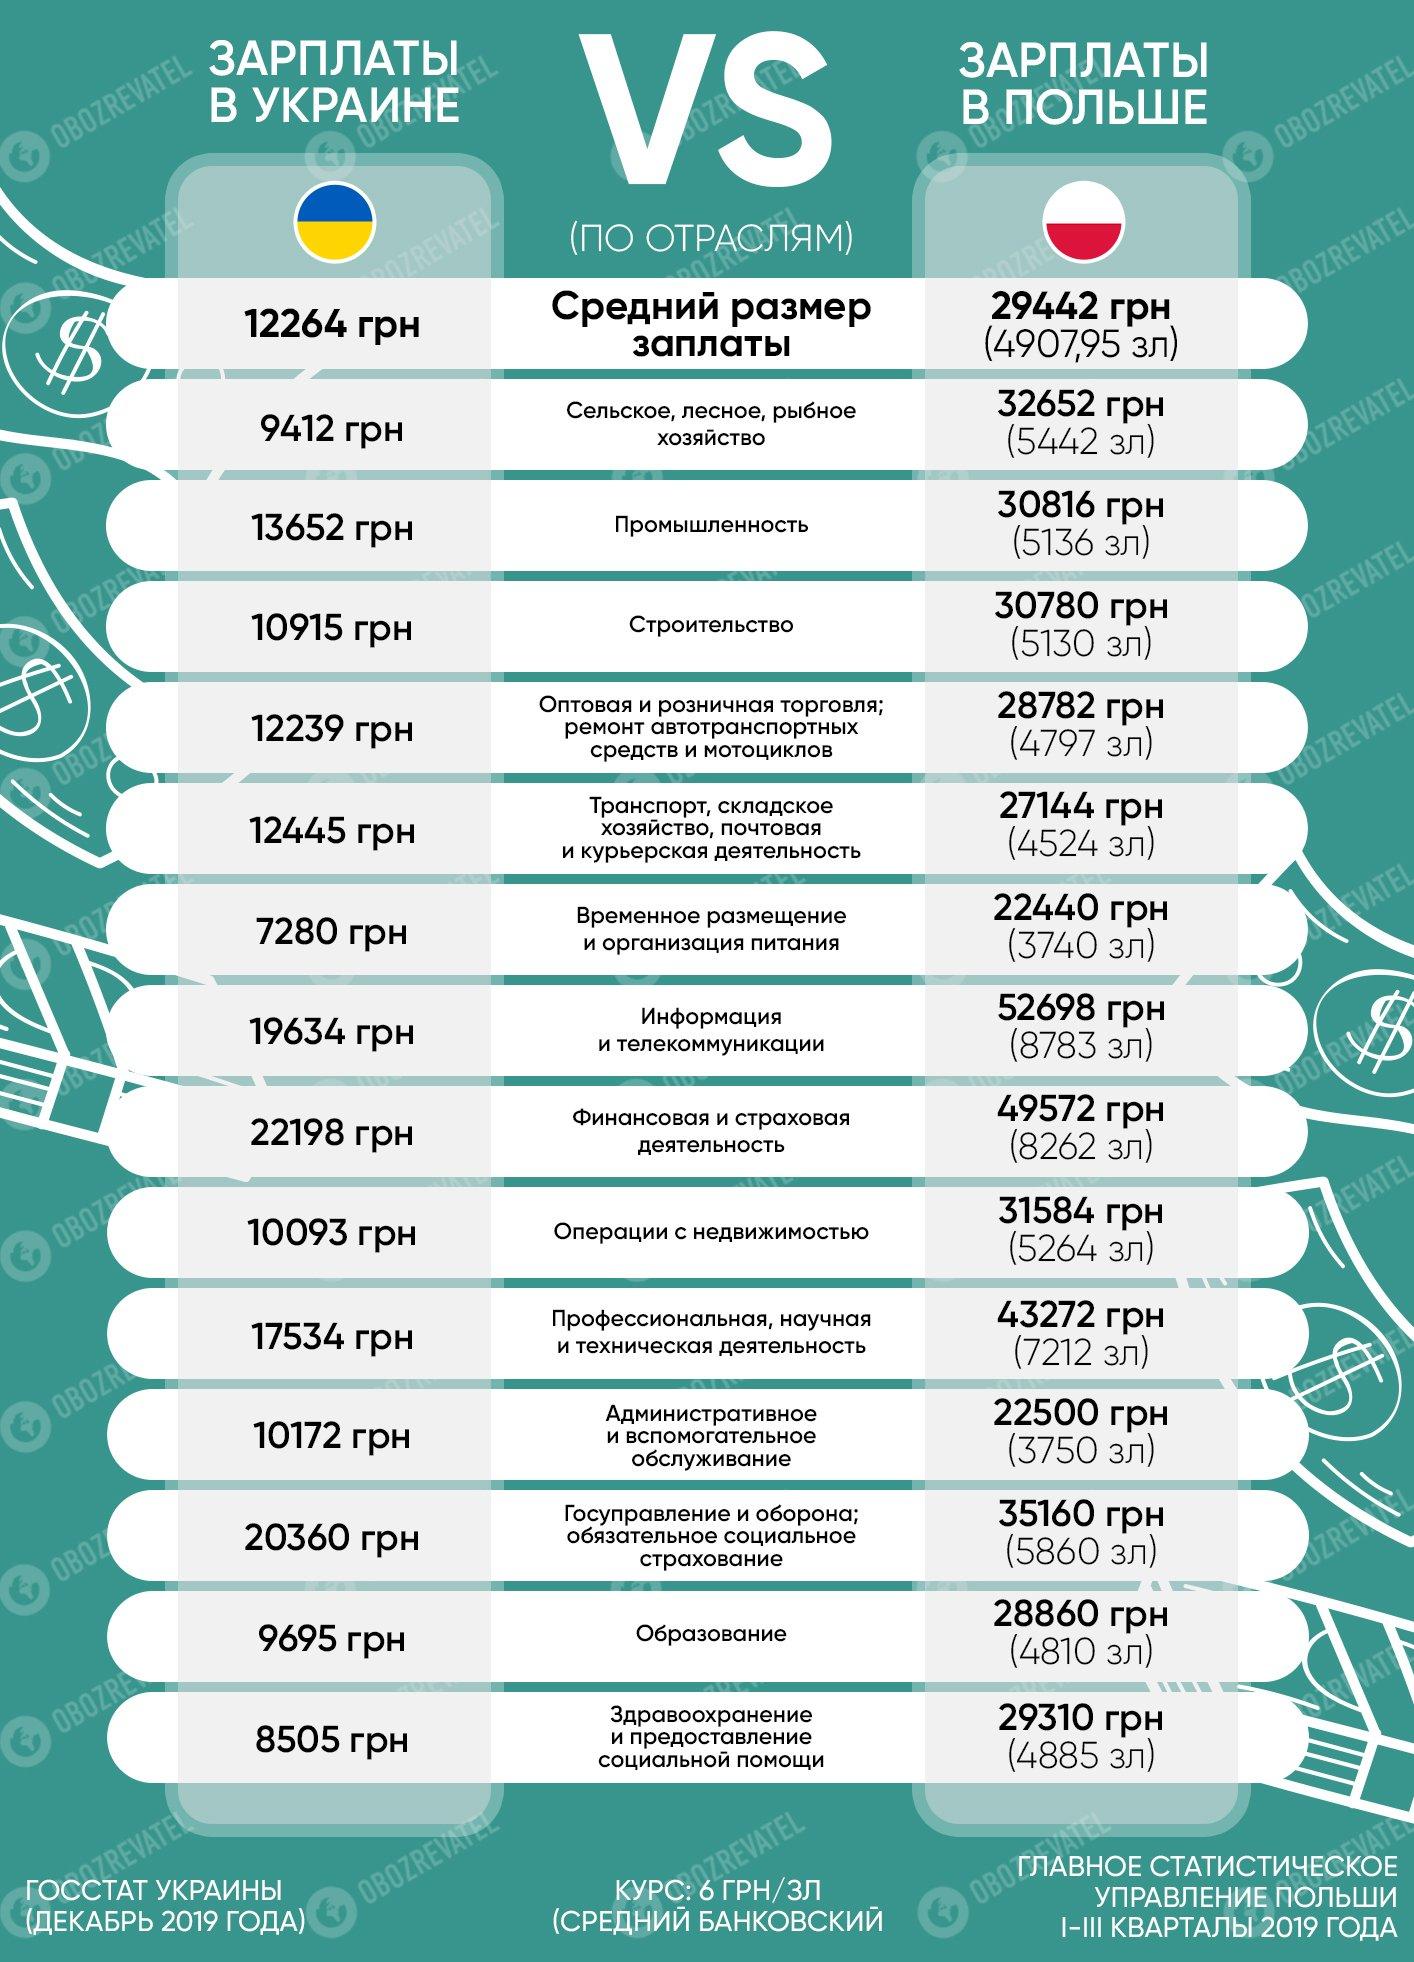 """Зеленський поставив завдання: як Україні """"дострибнути"""" до Польщі по зарплатах"""